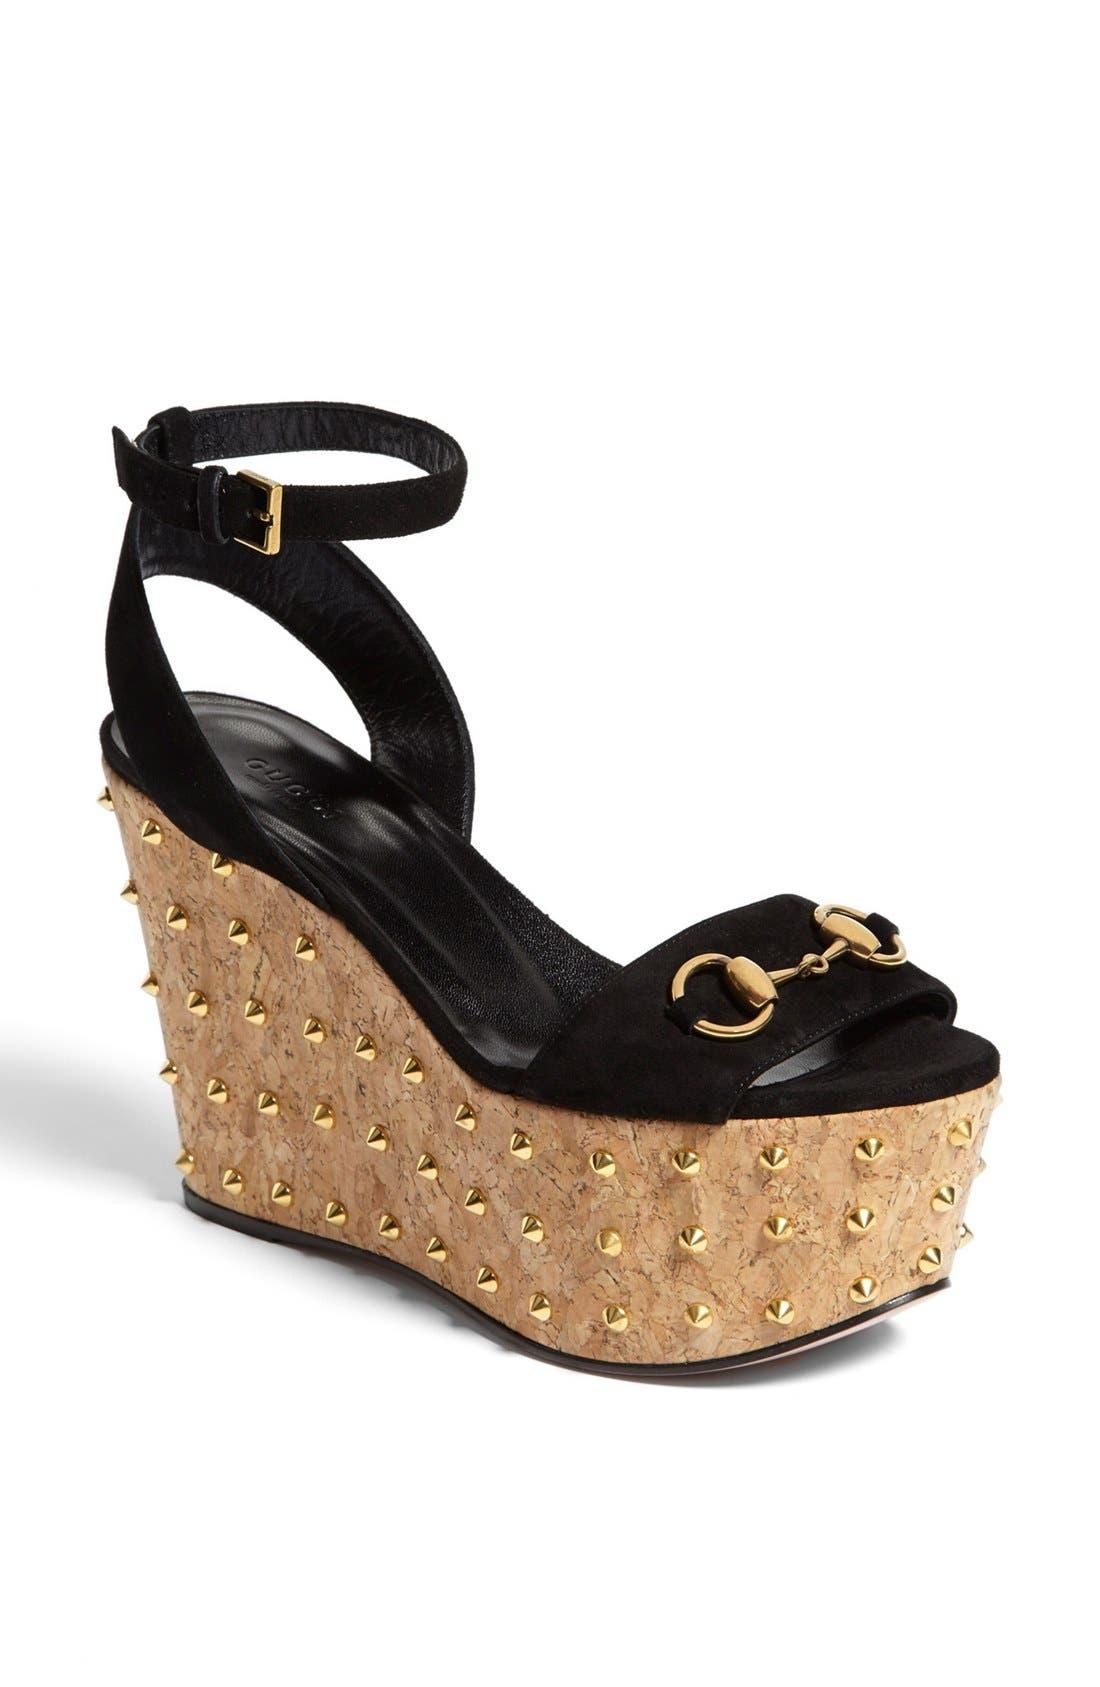 Alternate Image 1 Selected - Gucci 'Liliane' Studded Platform Sandal